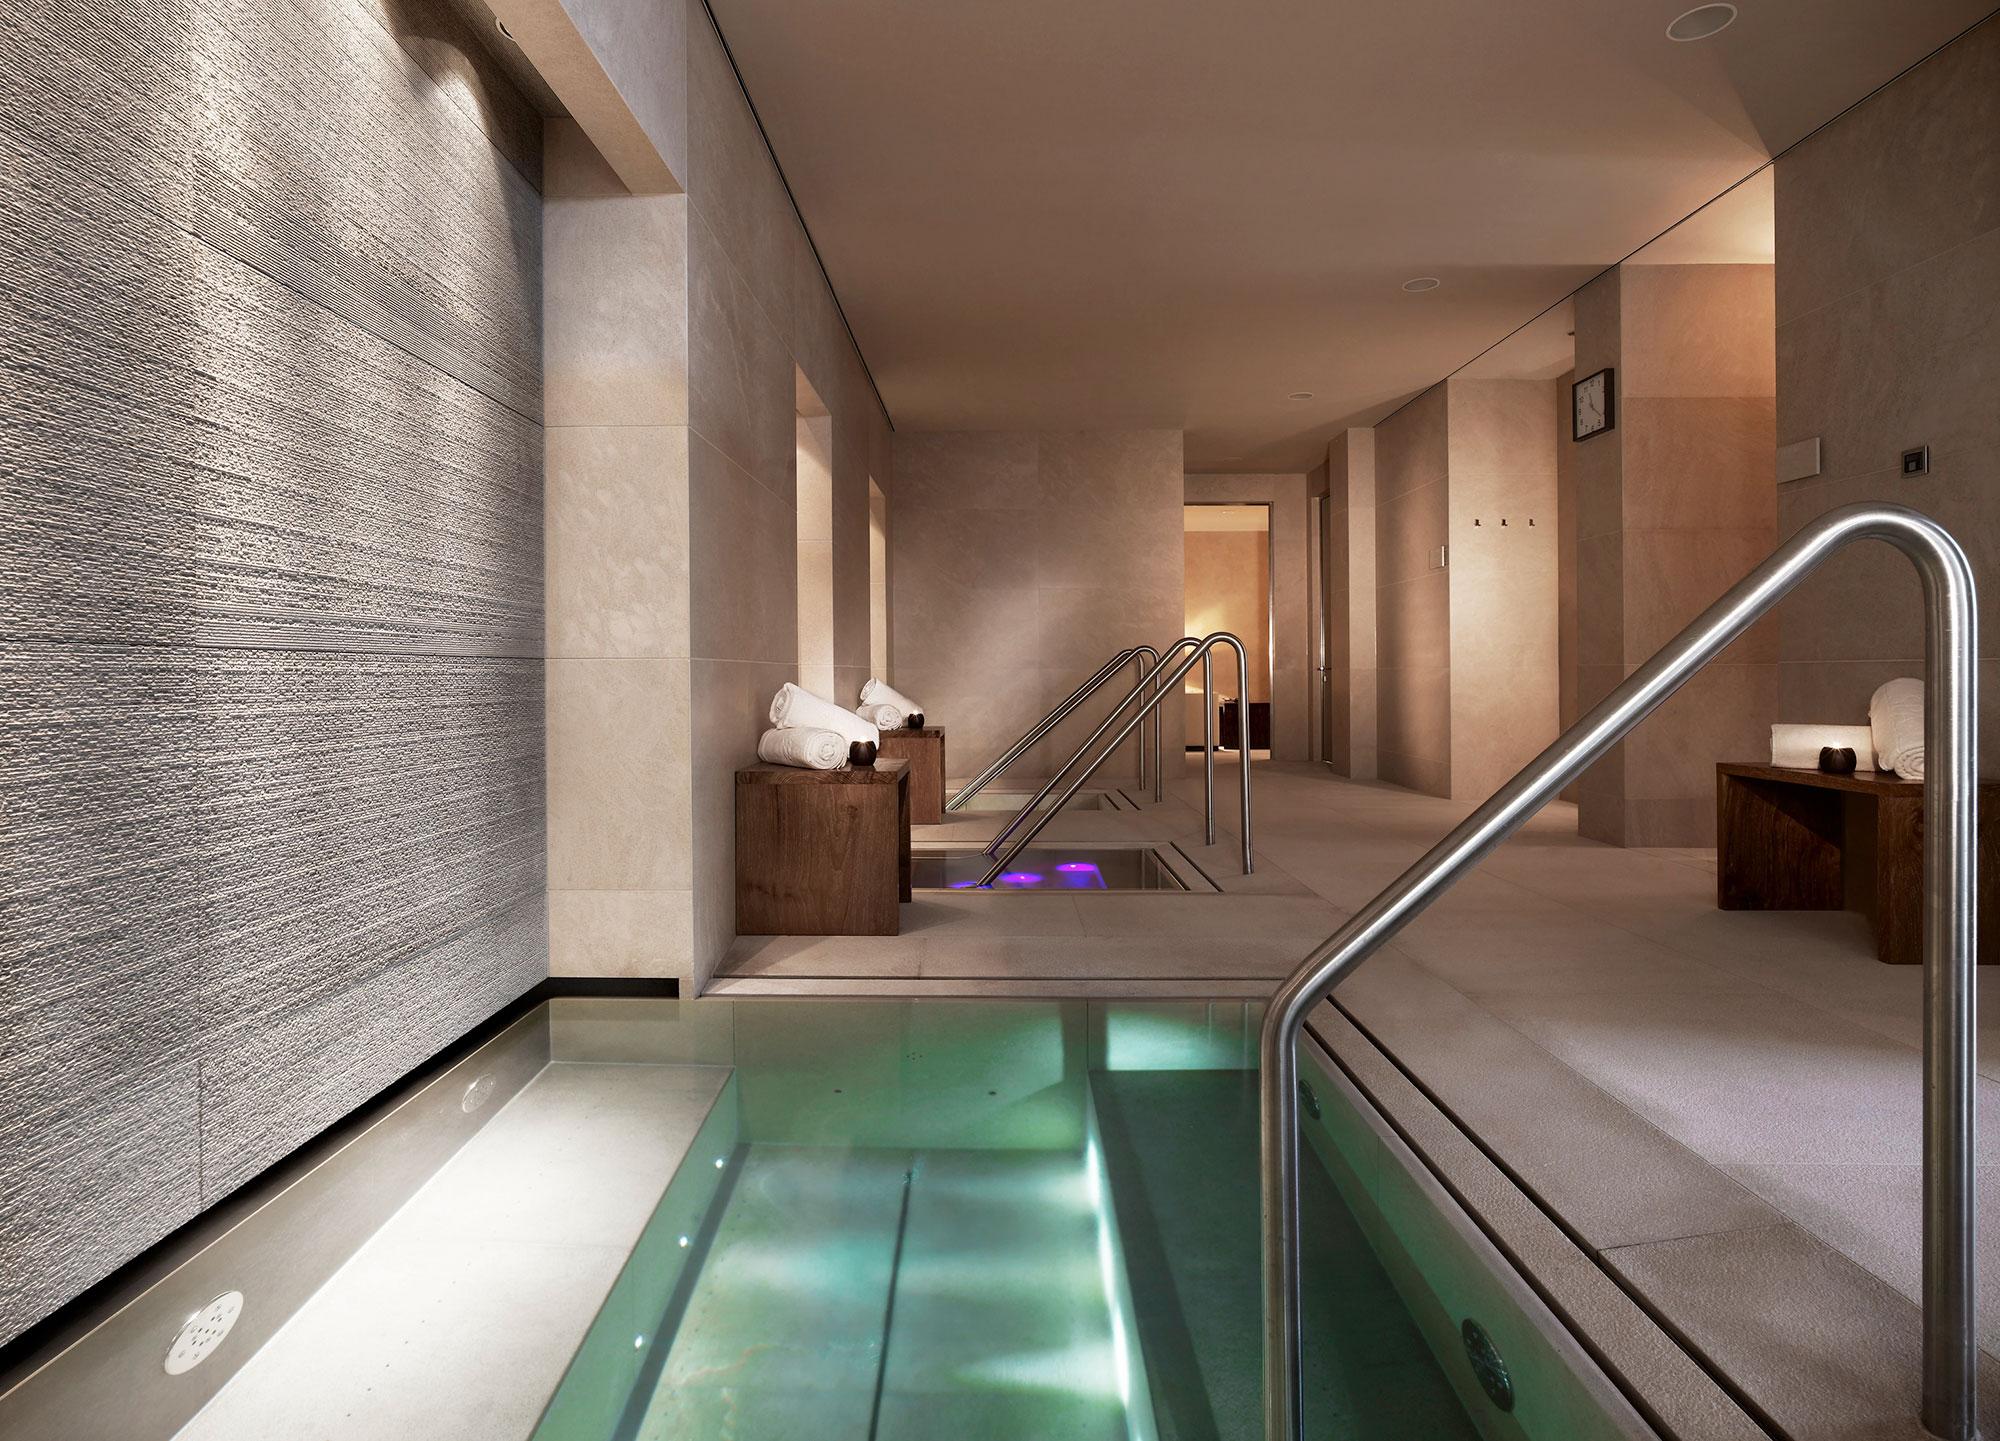 edle wellnessbereiche aus naturstein fliesen. Black Bedroom Furniture Sets. Home Design Ideas